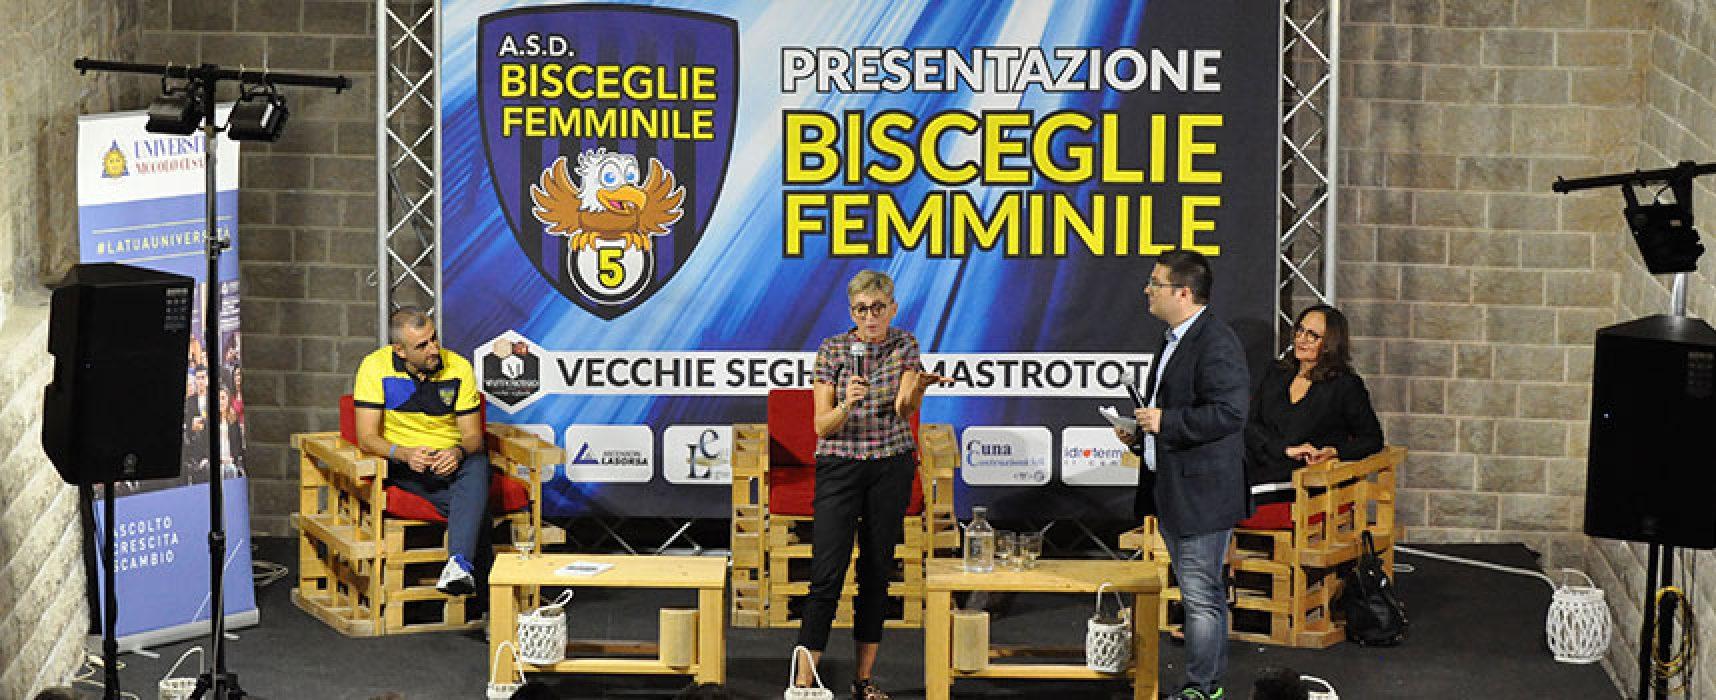 Stasera il Bisceglie Femminile si presenta in vista dello storico esordio in Serie A